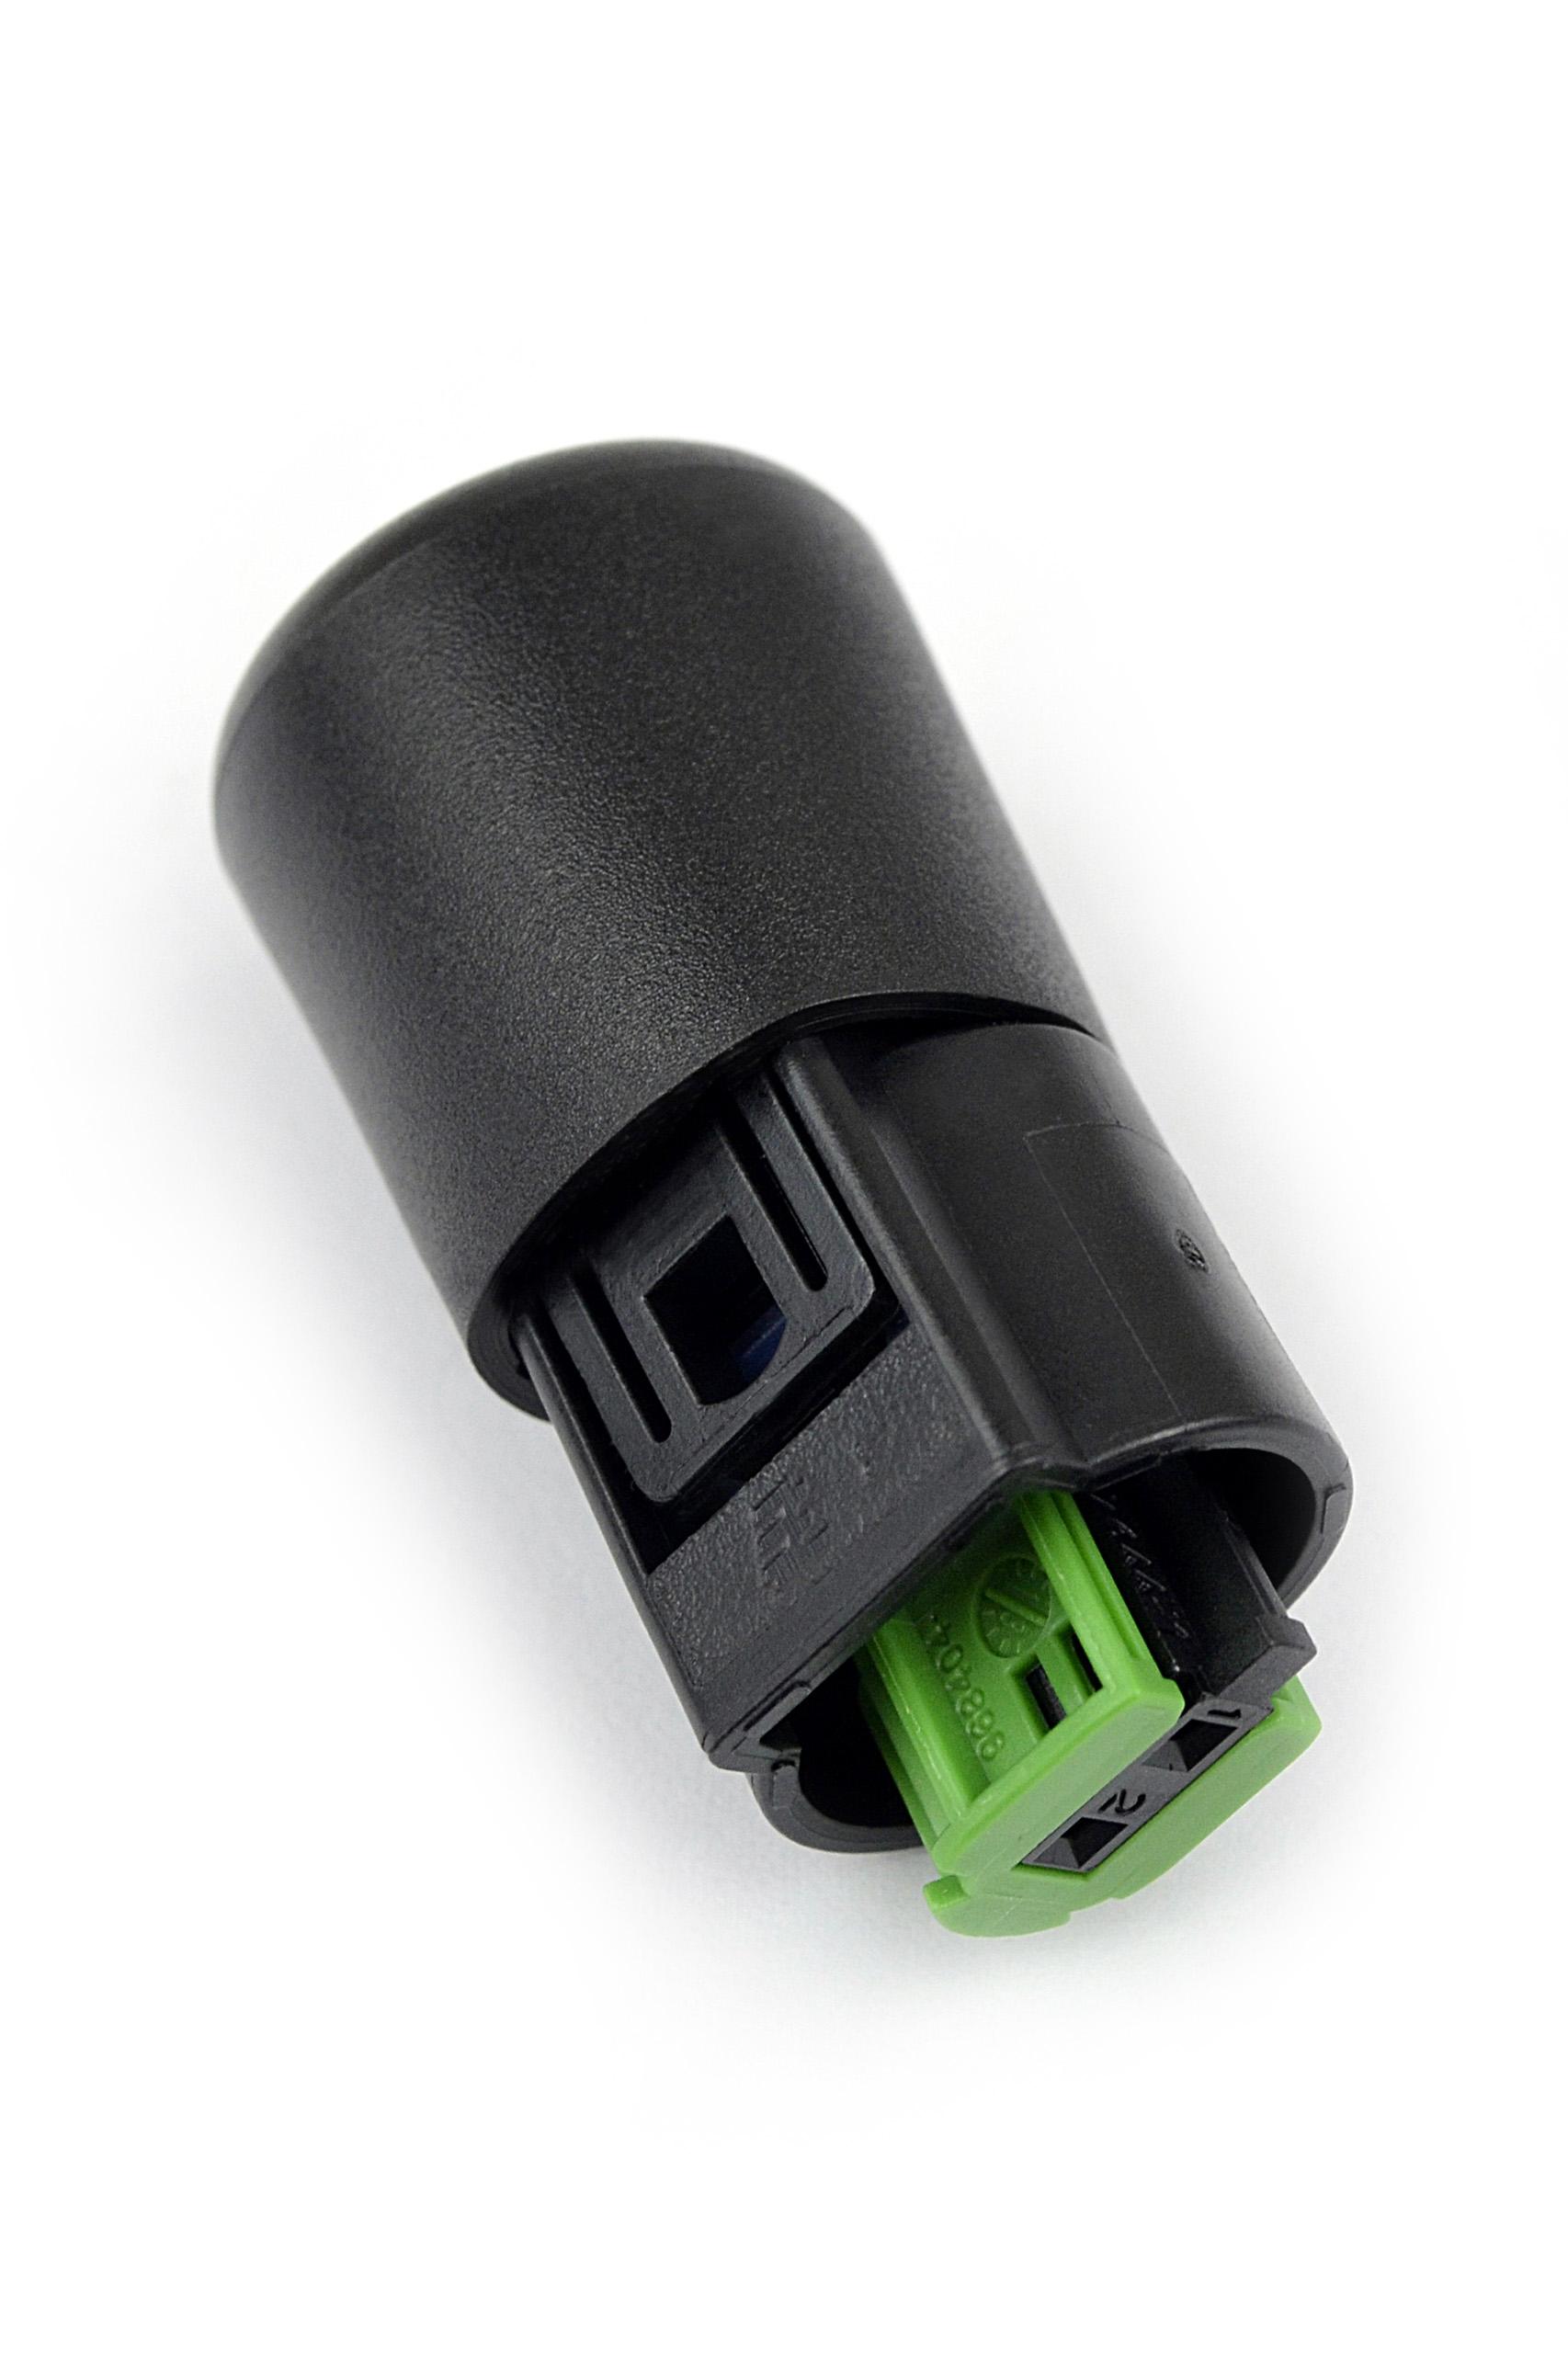 эмулятор коврики bmw - e36 e46 e39 e60 e61 e65 e53 z3